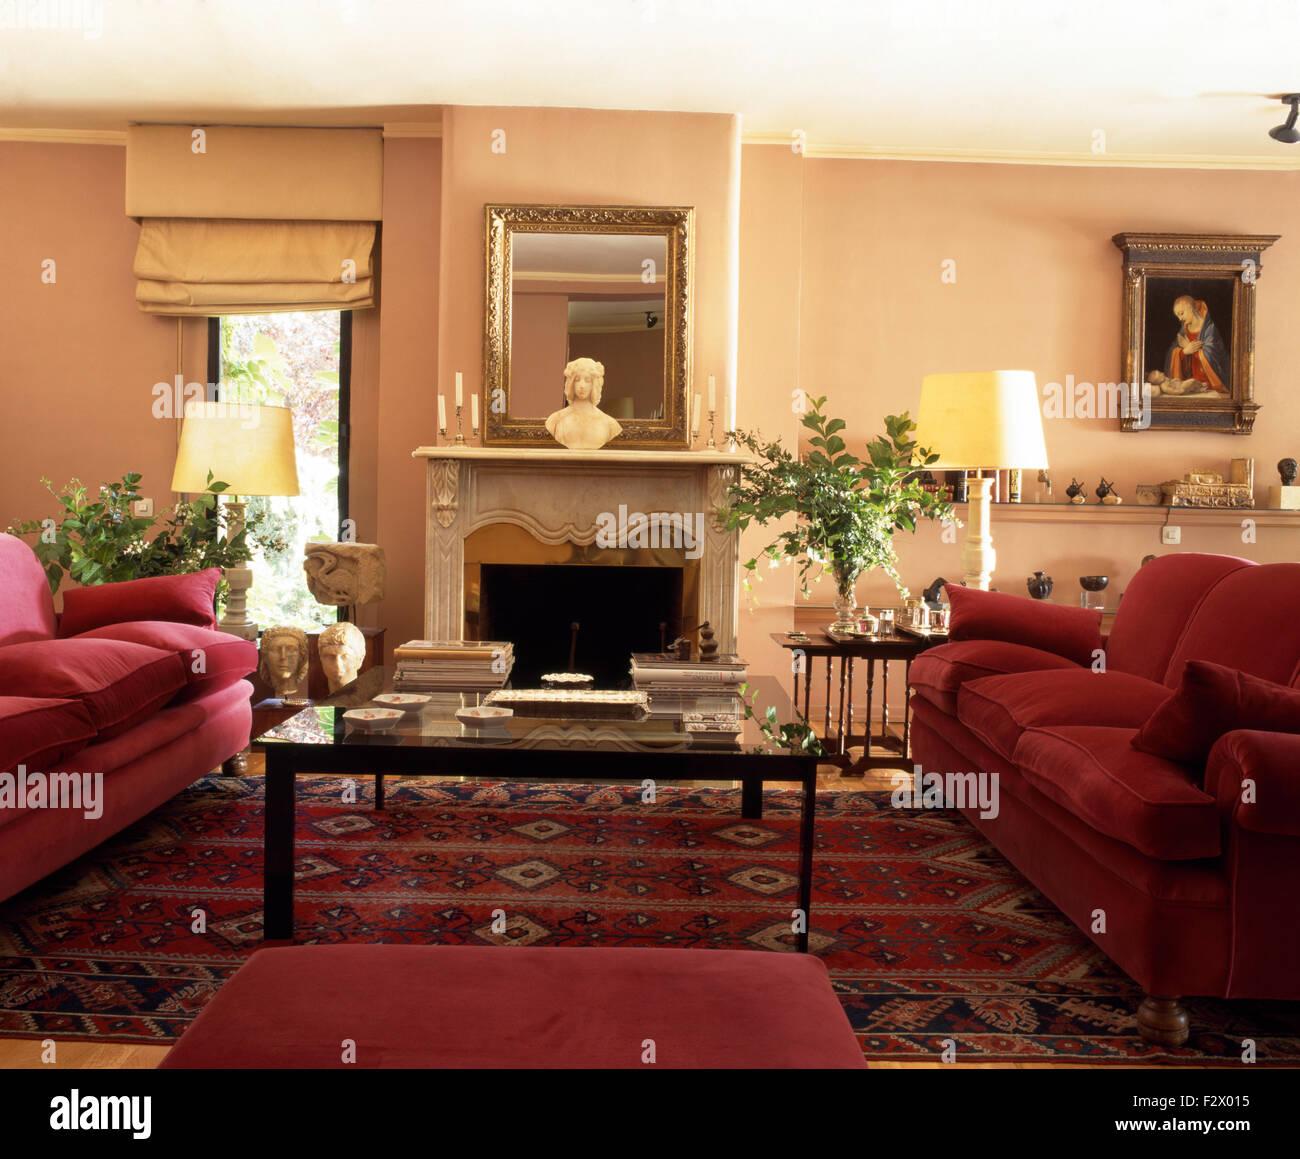 Tief Rosa Sofas Und Glas Gekrönt Kaffee Im Spanischen Wohnzimmer Mit Eine  Orientalische Wolldecke Eingereicht